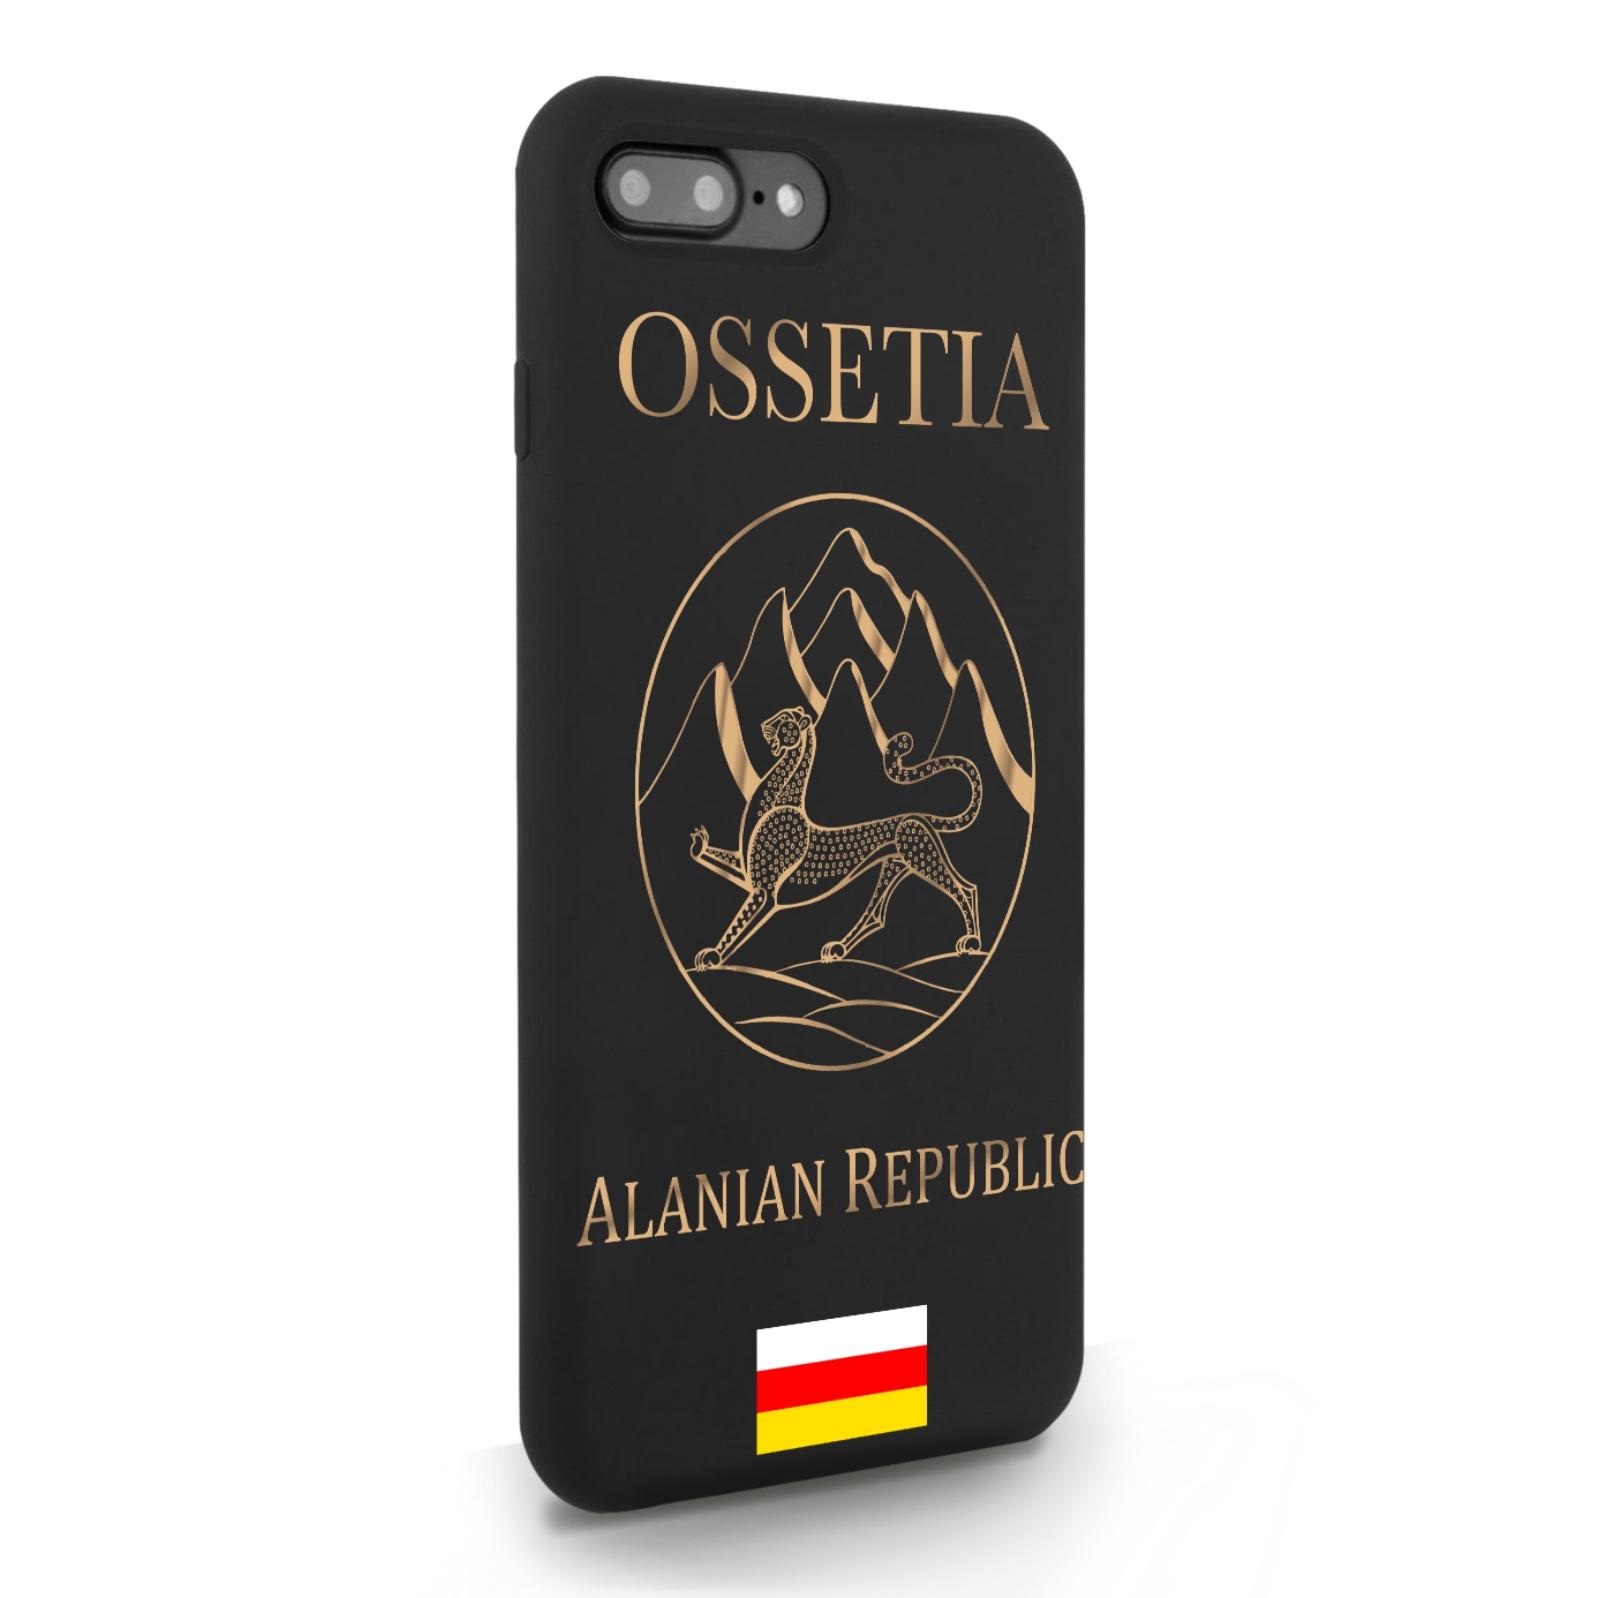 Черный силиконовый чехол для iPhone 7/8 Plus Золотой Герб Северной Осетии для Айфон 7/8 Плюс